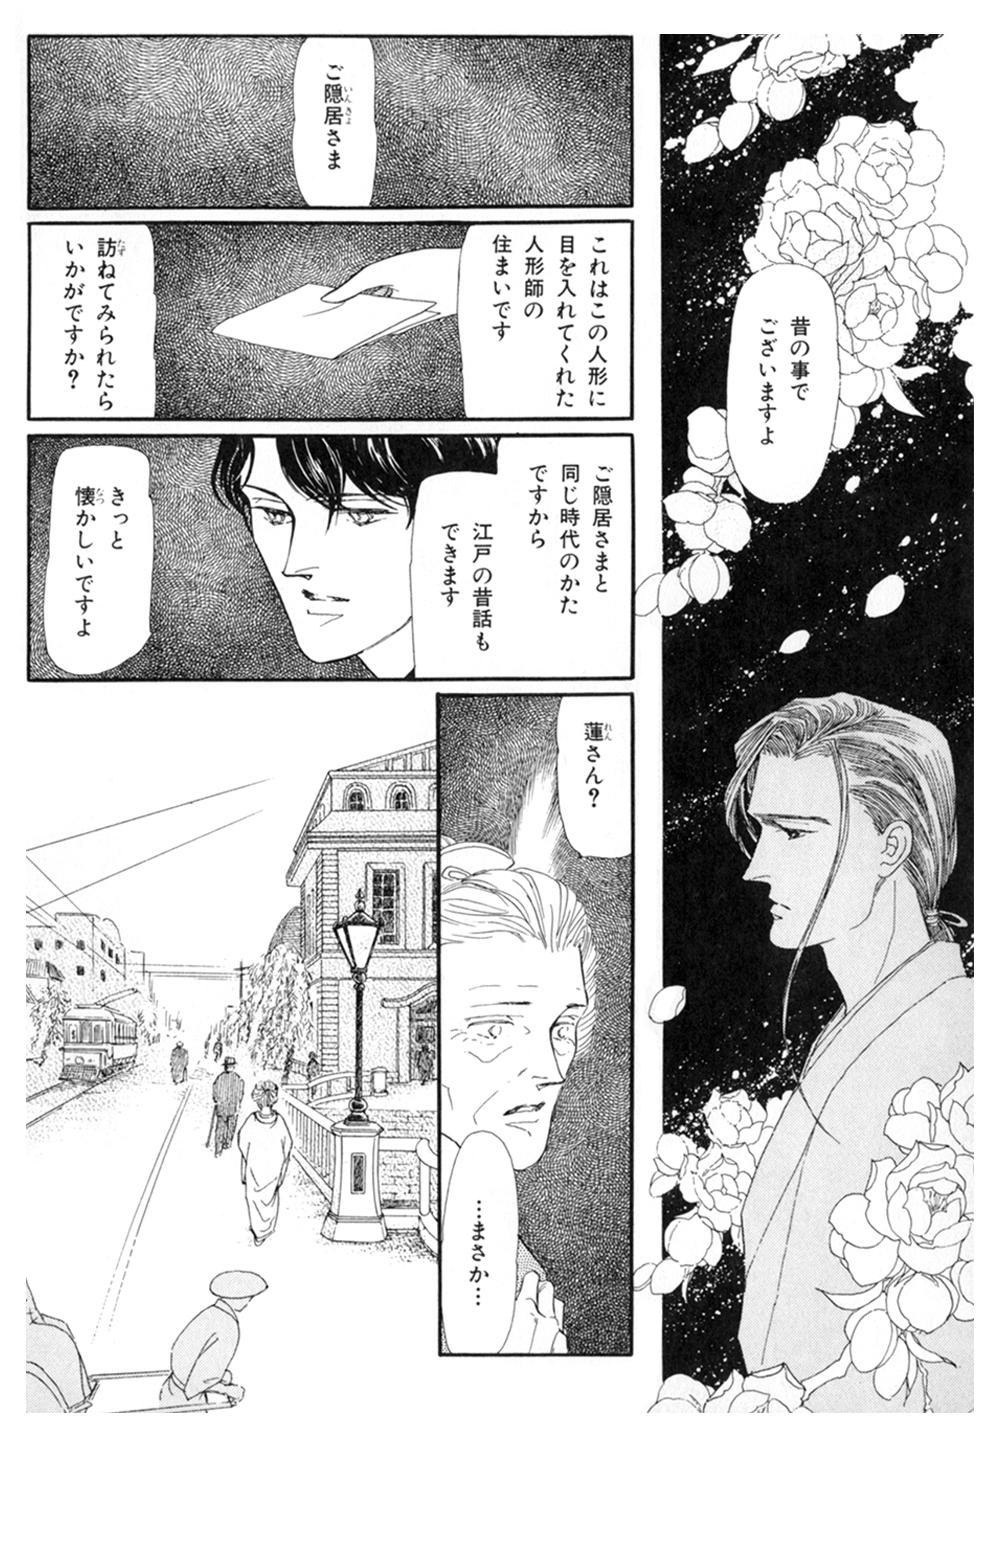 雨柳堂夢咄 第5話「花に暮れる」2uryudo-02-143.jpg